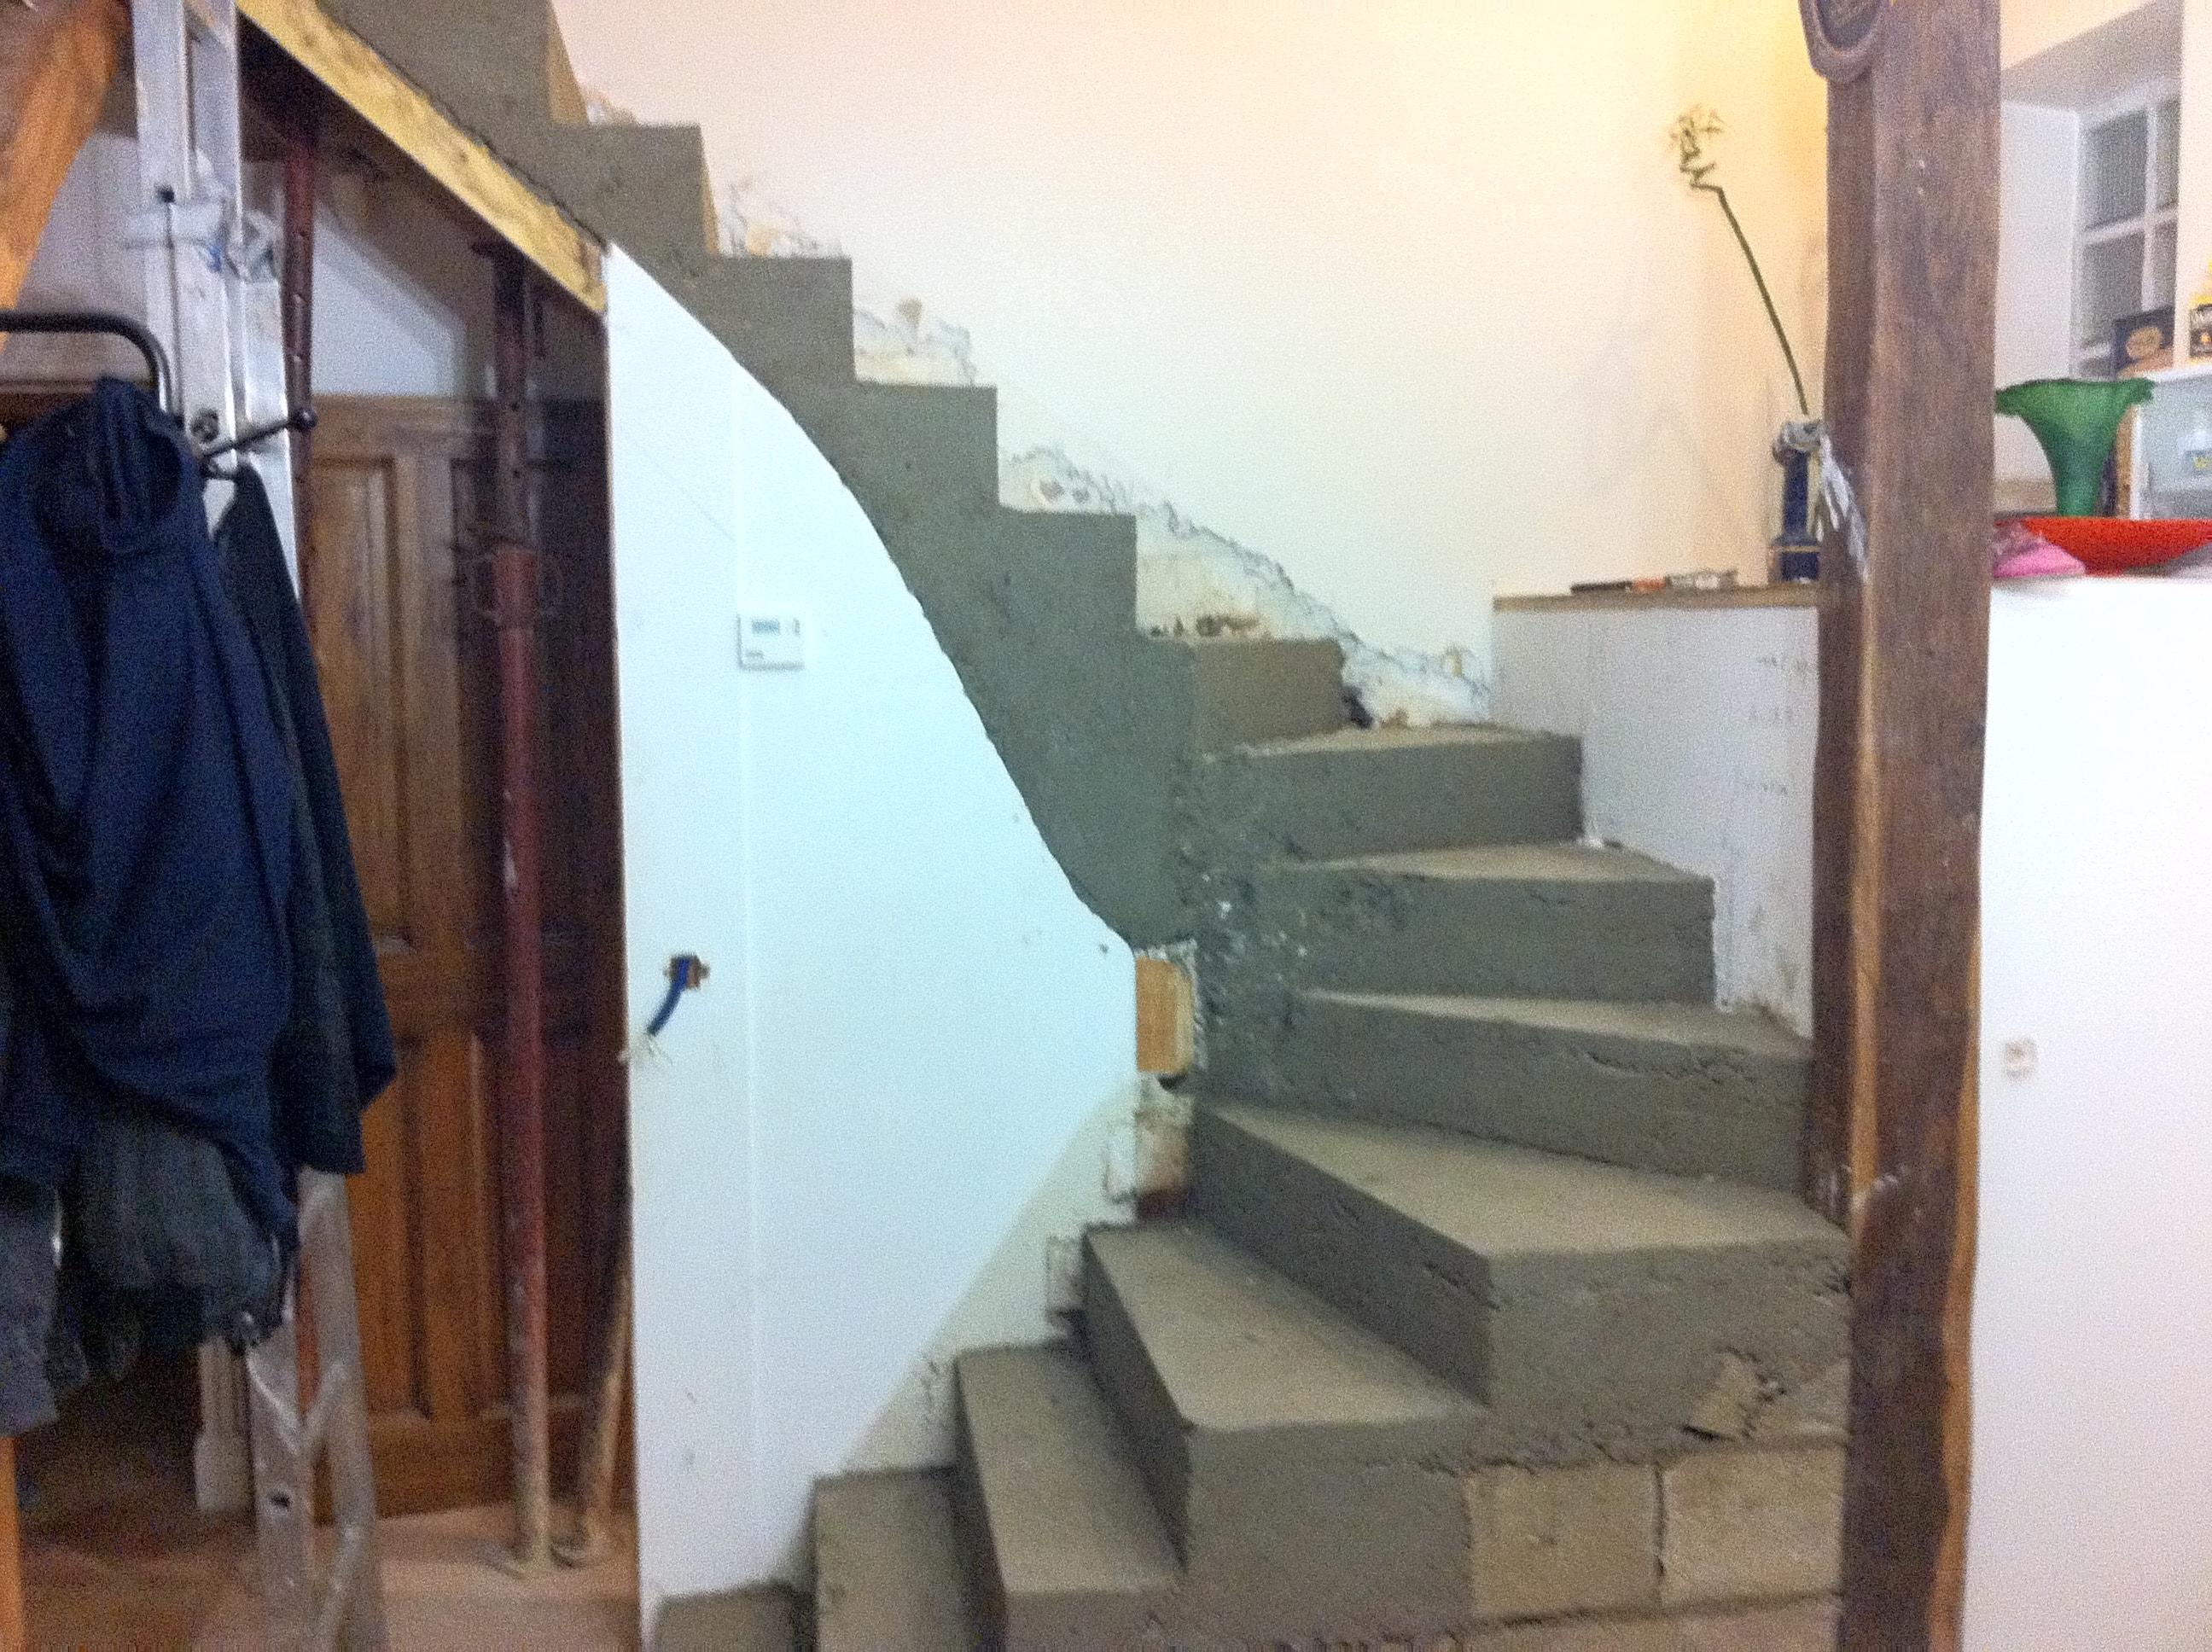 escalier-bois-11-travaux-creation-pendant-decoffrer-béton-texas-batiment-min